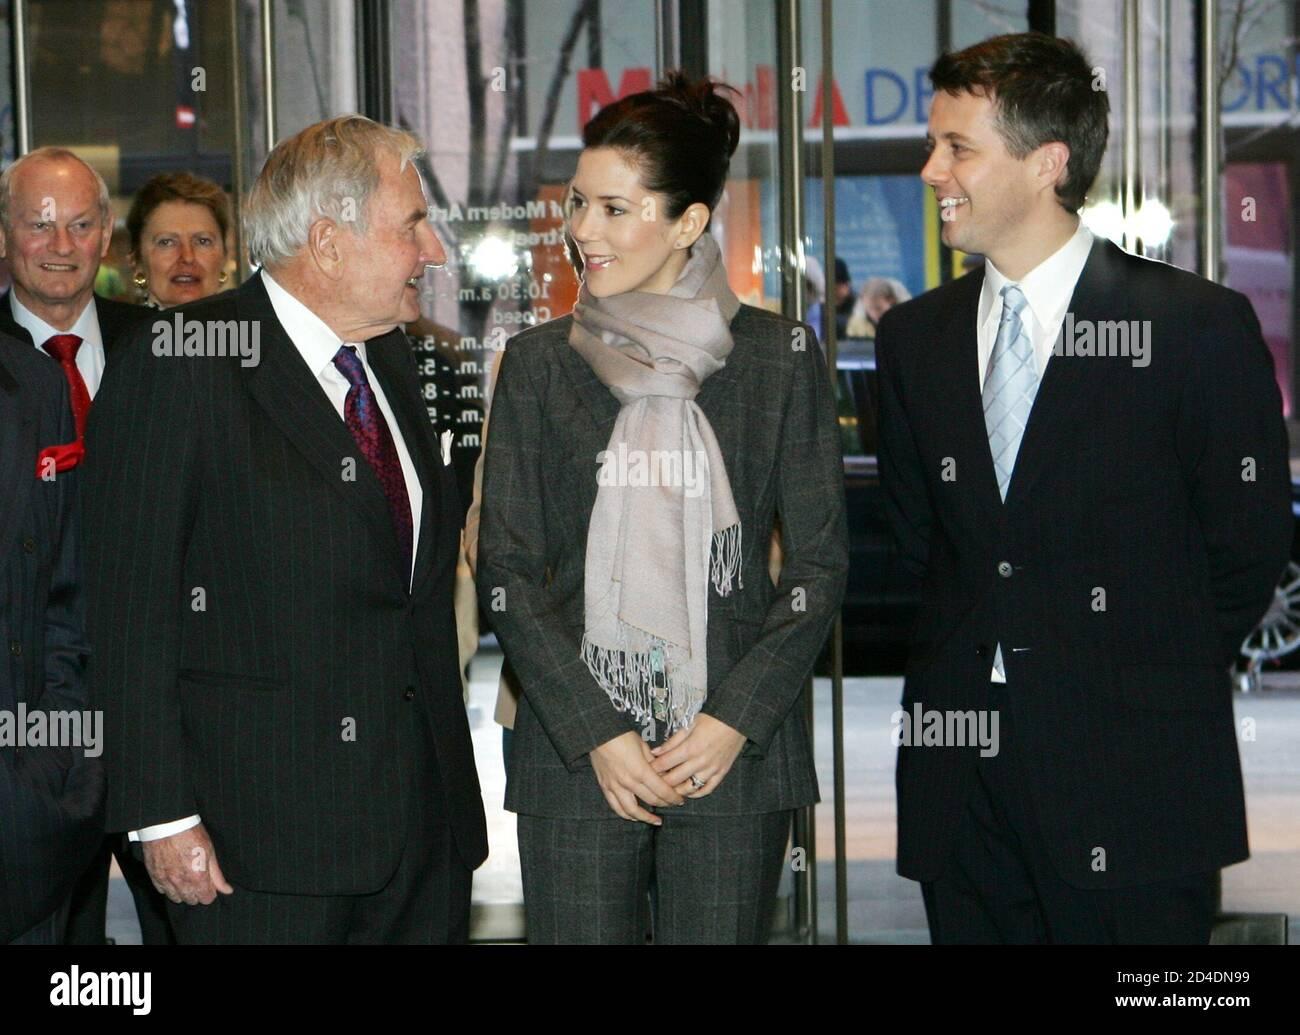 Il principe ereditario danese Frederick (R) e sua moglie la Principessa ereditaria Mary sono accolti da David Rockefeller, (L) il Museo d'Arte moderna del Presidente Emerito di New York, quando la coppia reale arrivò al Museo per un tour privato, il 31 gennaio 2005. REUTERS/Mike Segar MS Foto Stock